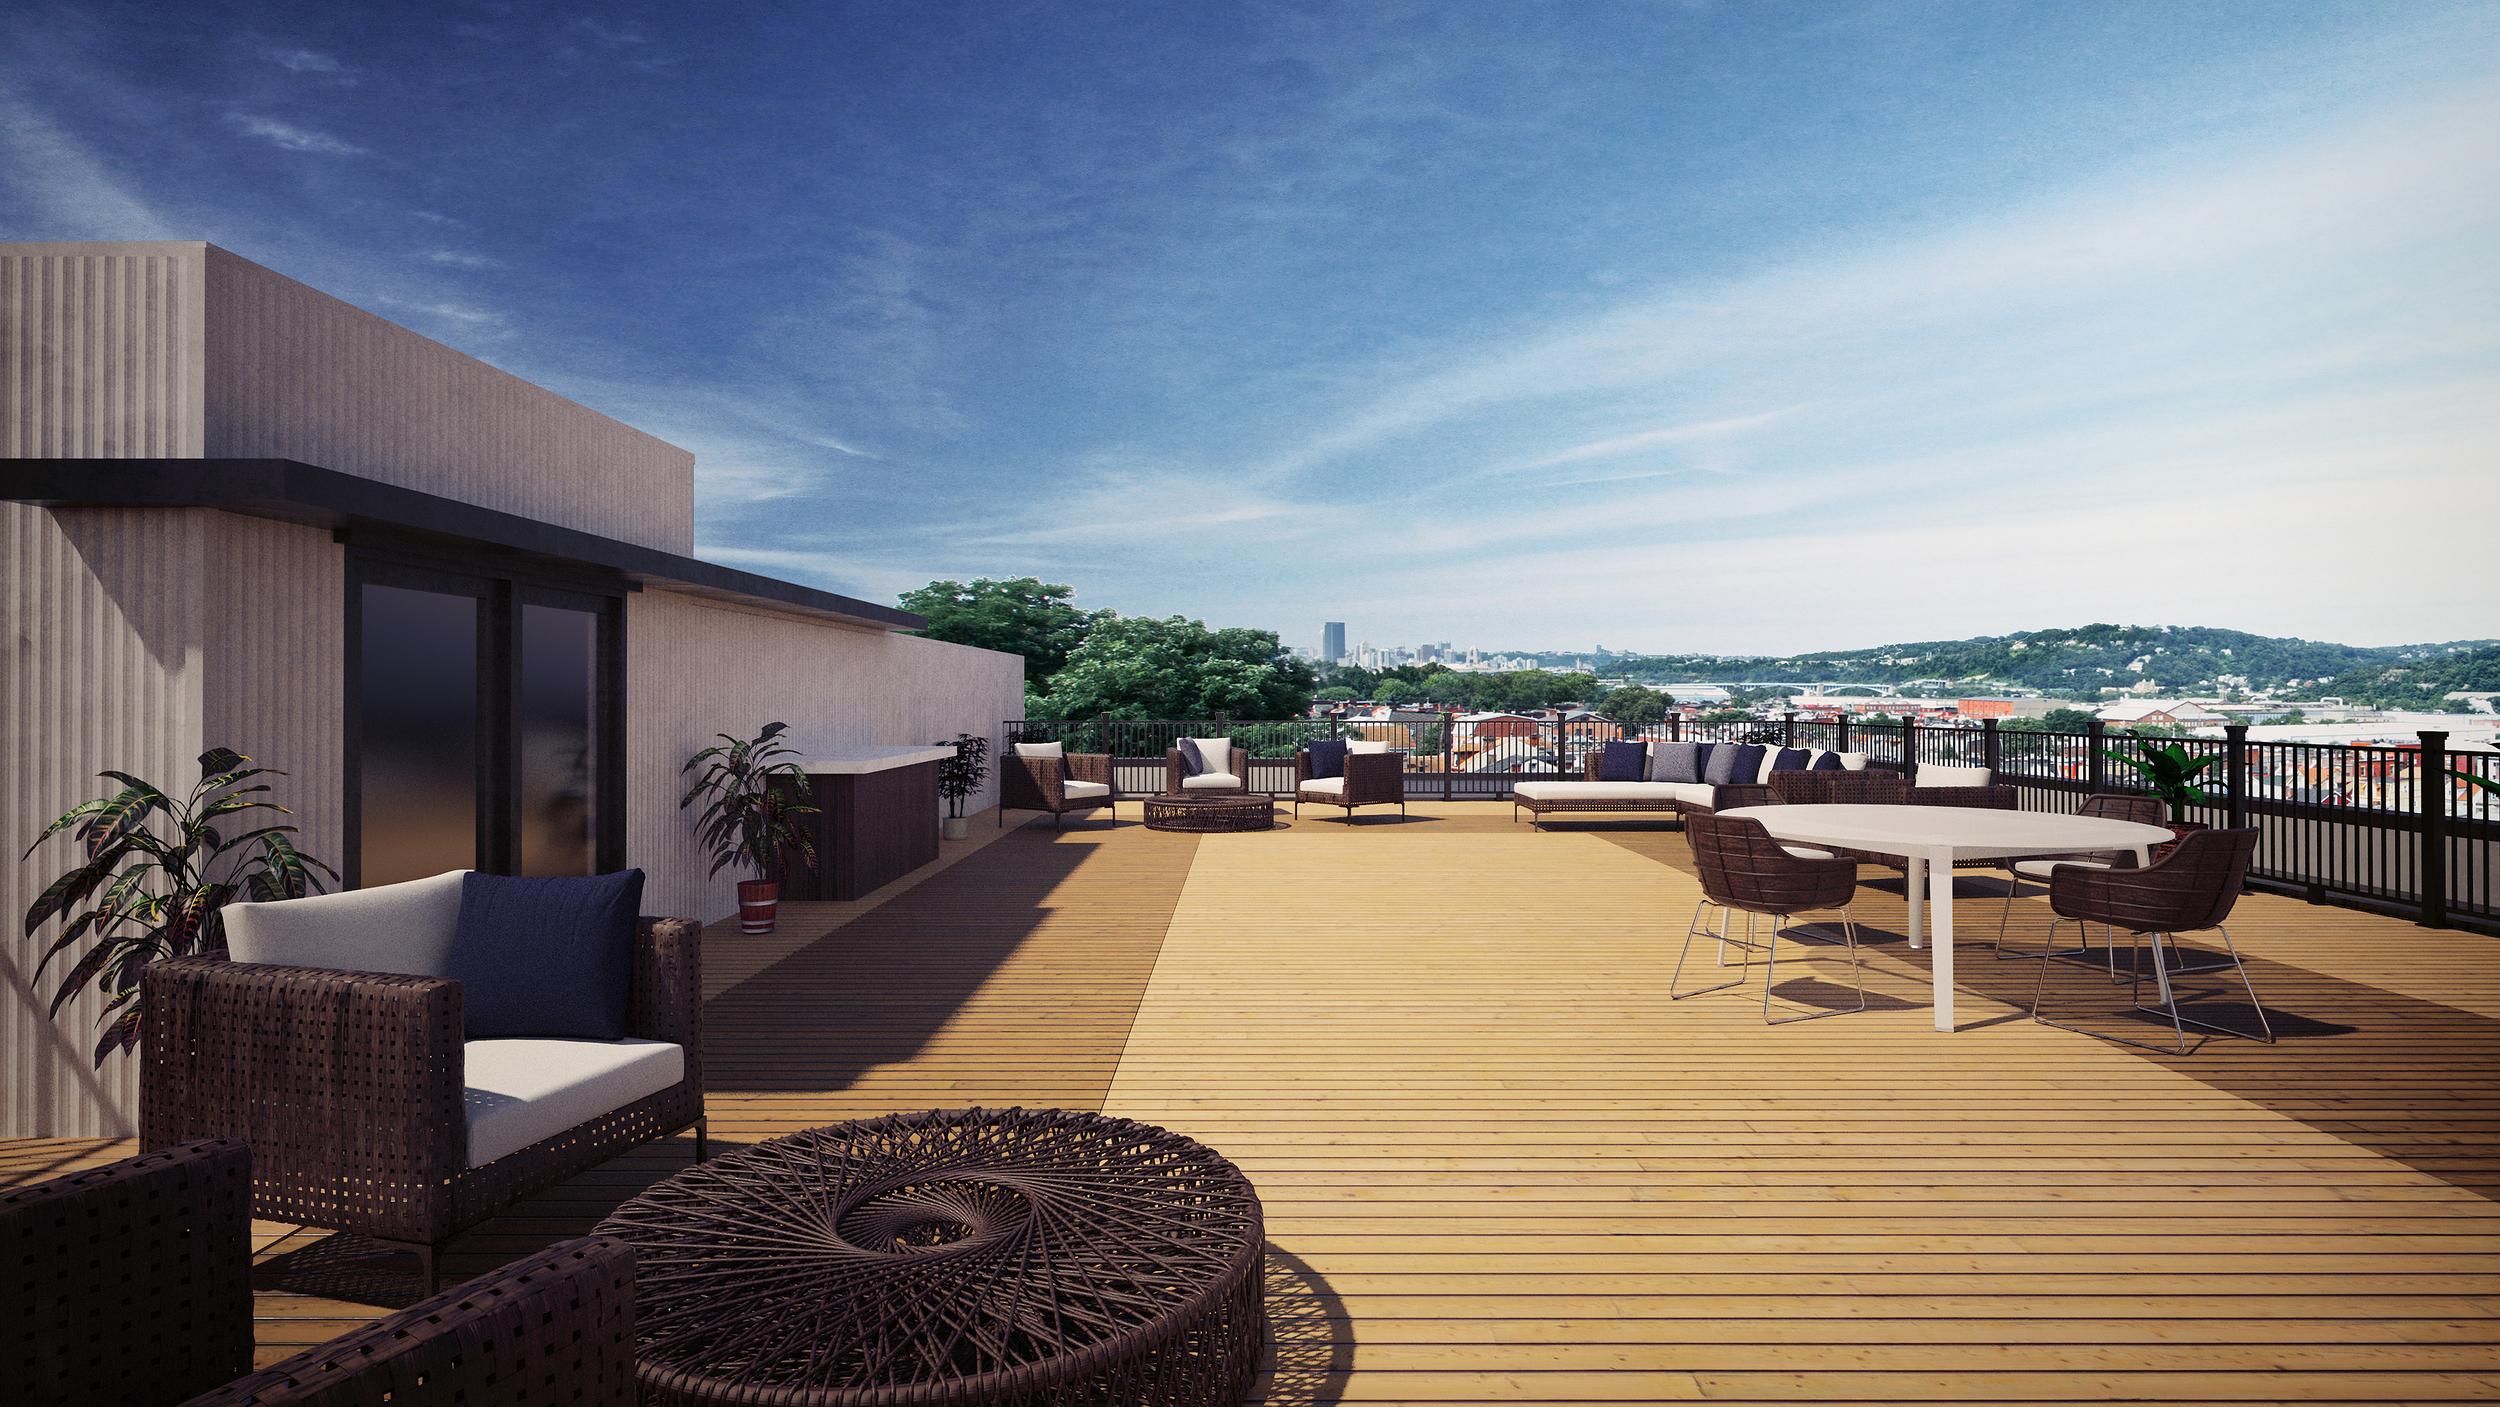 Copy of Rooftop Deck